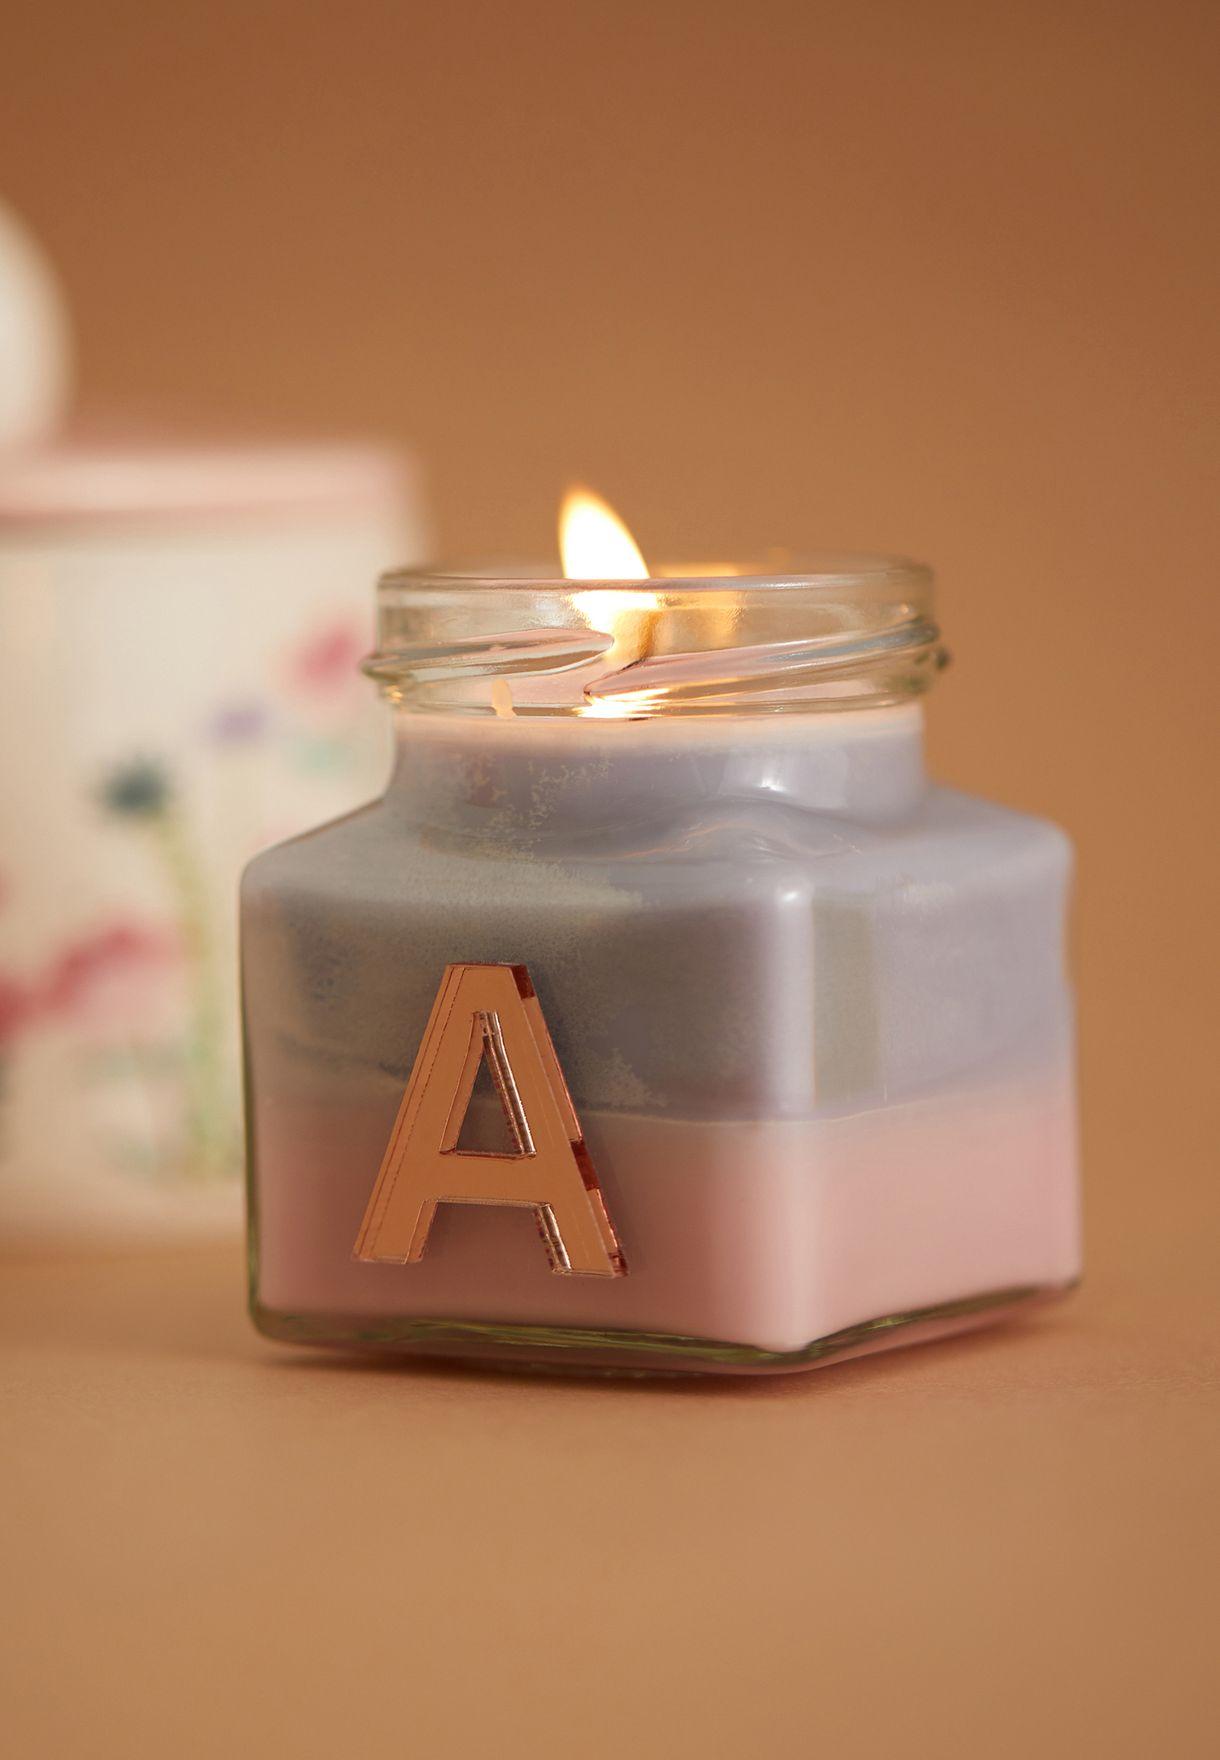 شمعة برائحة الفانيليا واليلانغ يلانغ ومزينة بحرف A